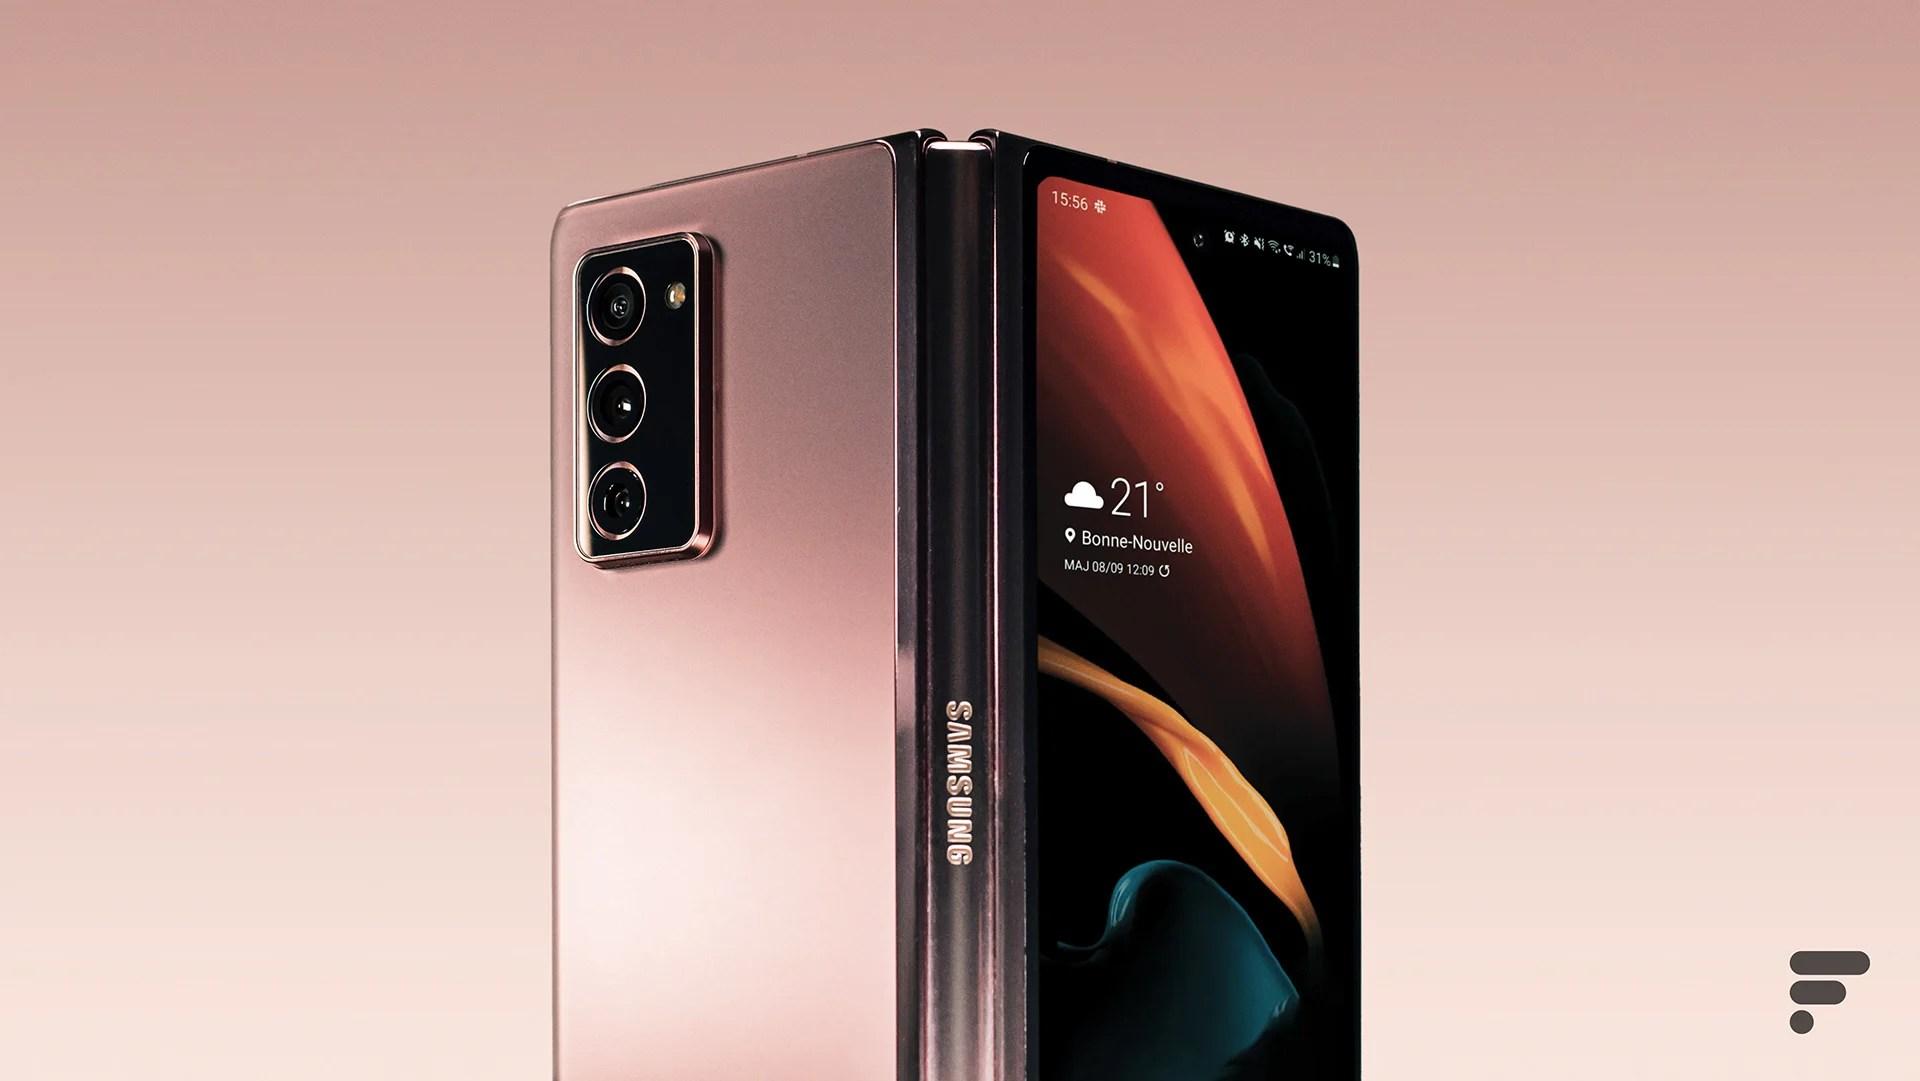 Plus de 550euros de réduction sur les Samsung Galaxy Z Fold2 et Galaxy Z Flip 5G avec ce bonus de reprise